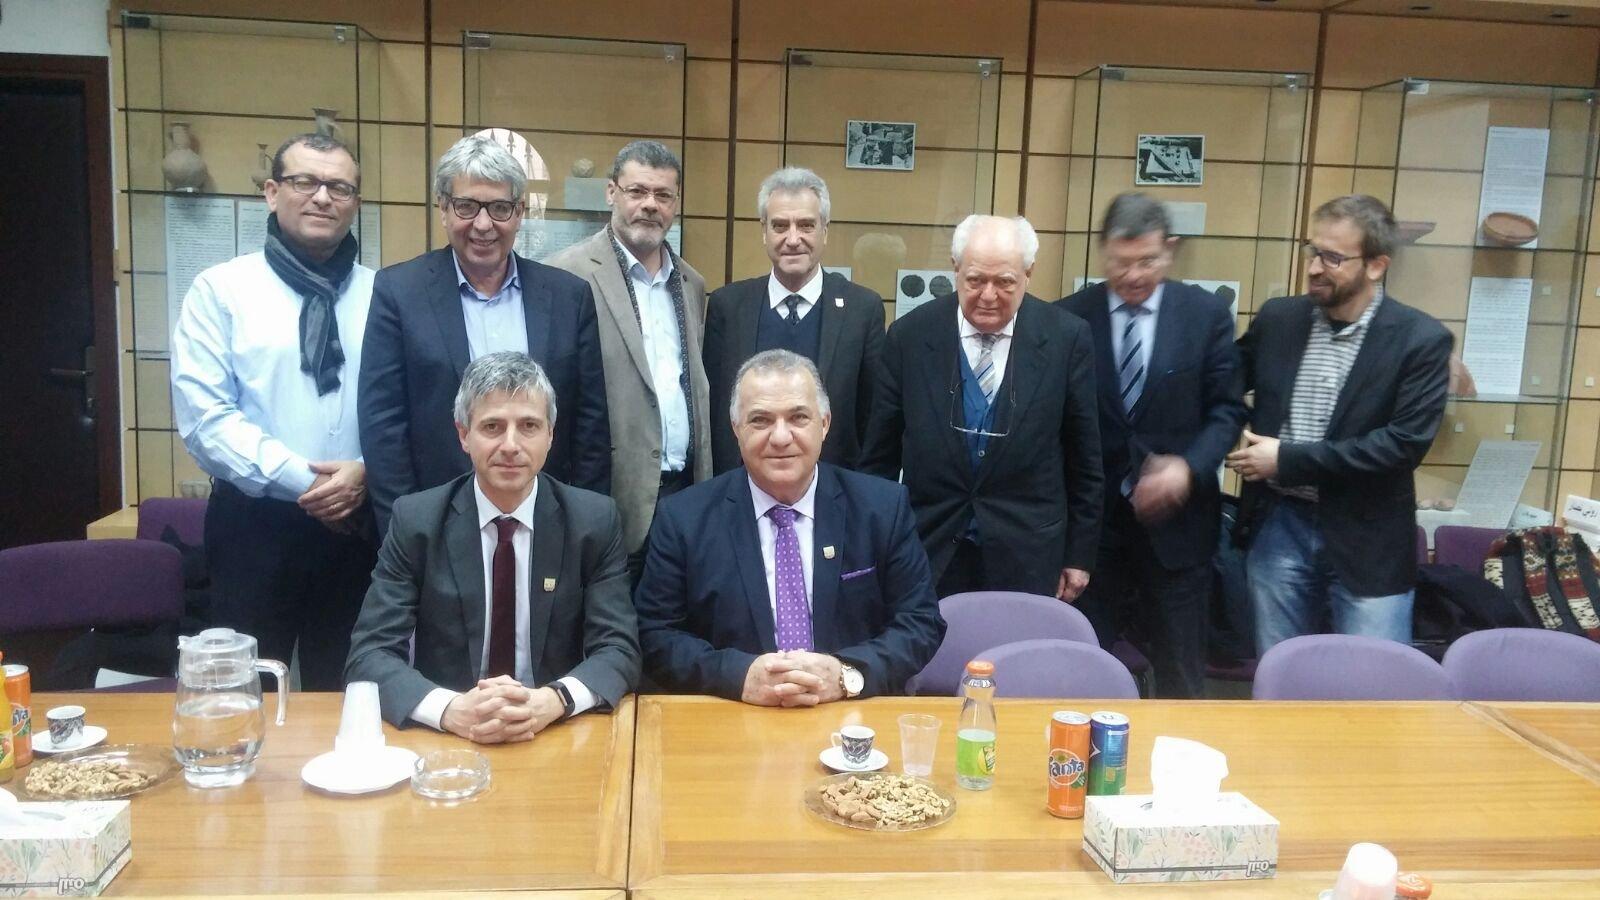 وفد ايطالي رفيع المستوى  يزور بلدية الناصرة